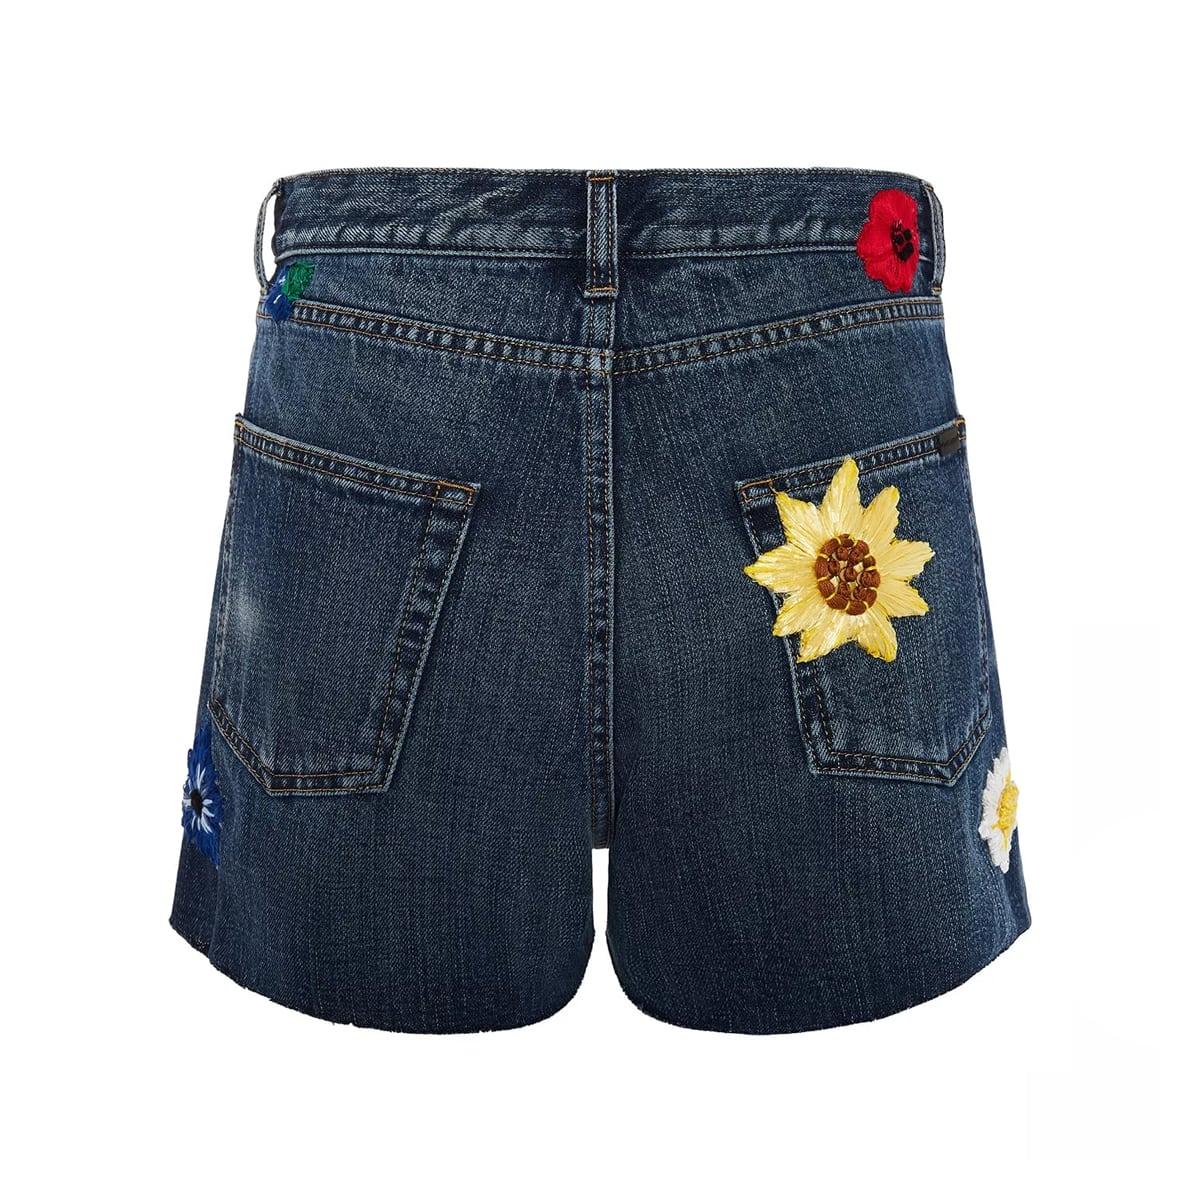 Flower embroidered denim shorts